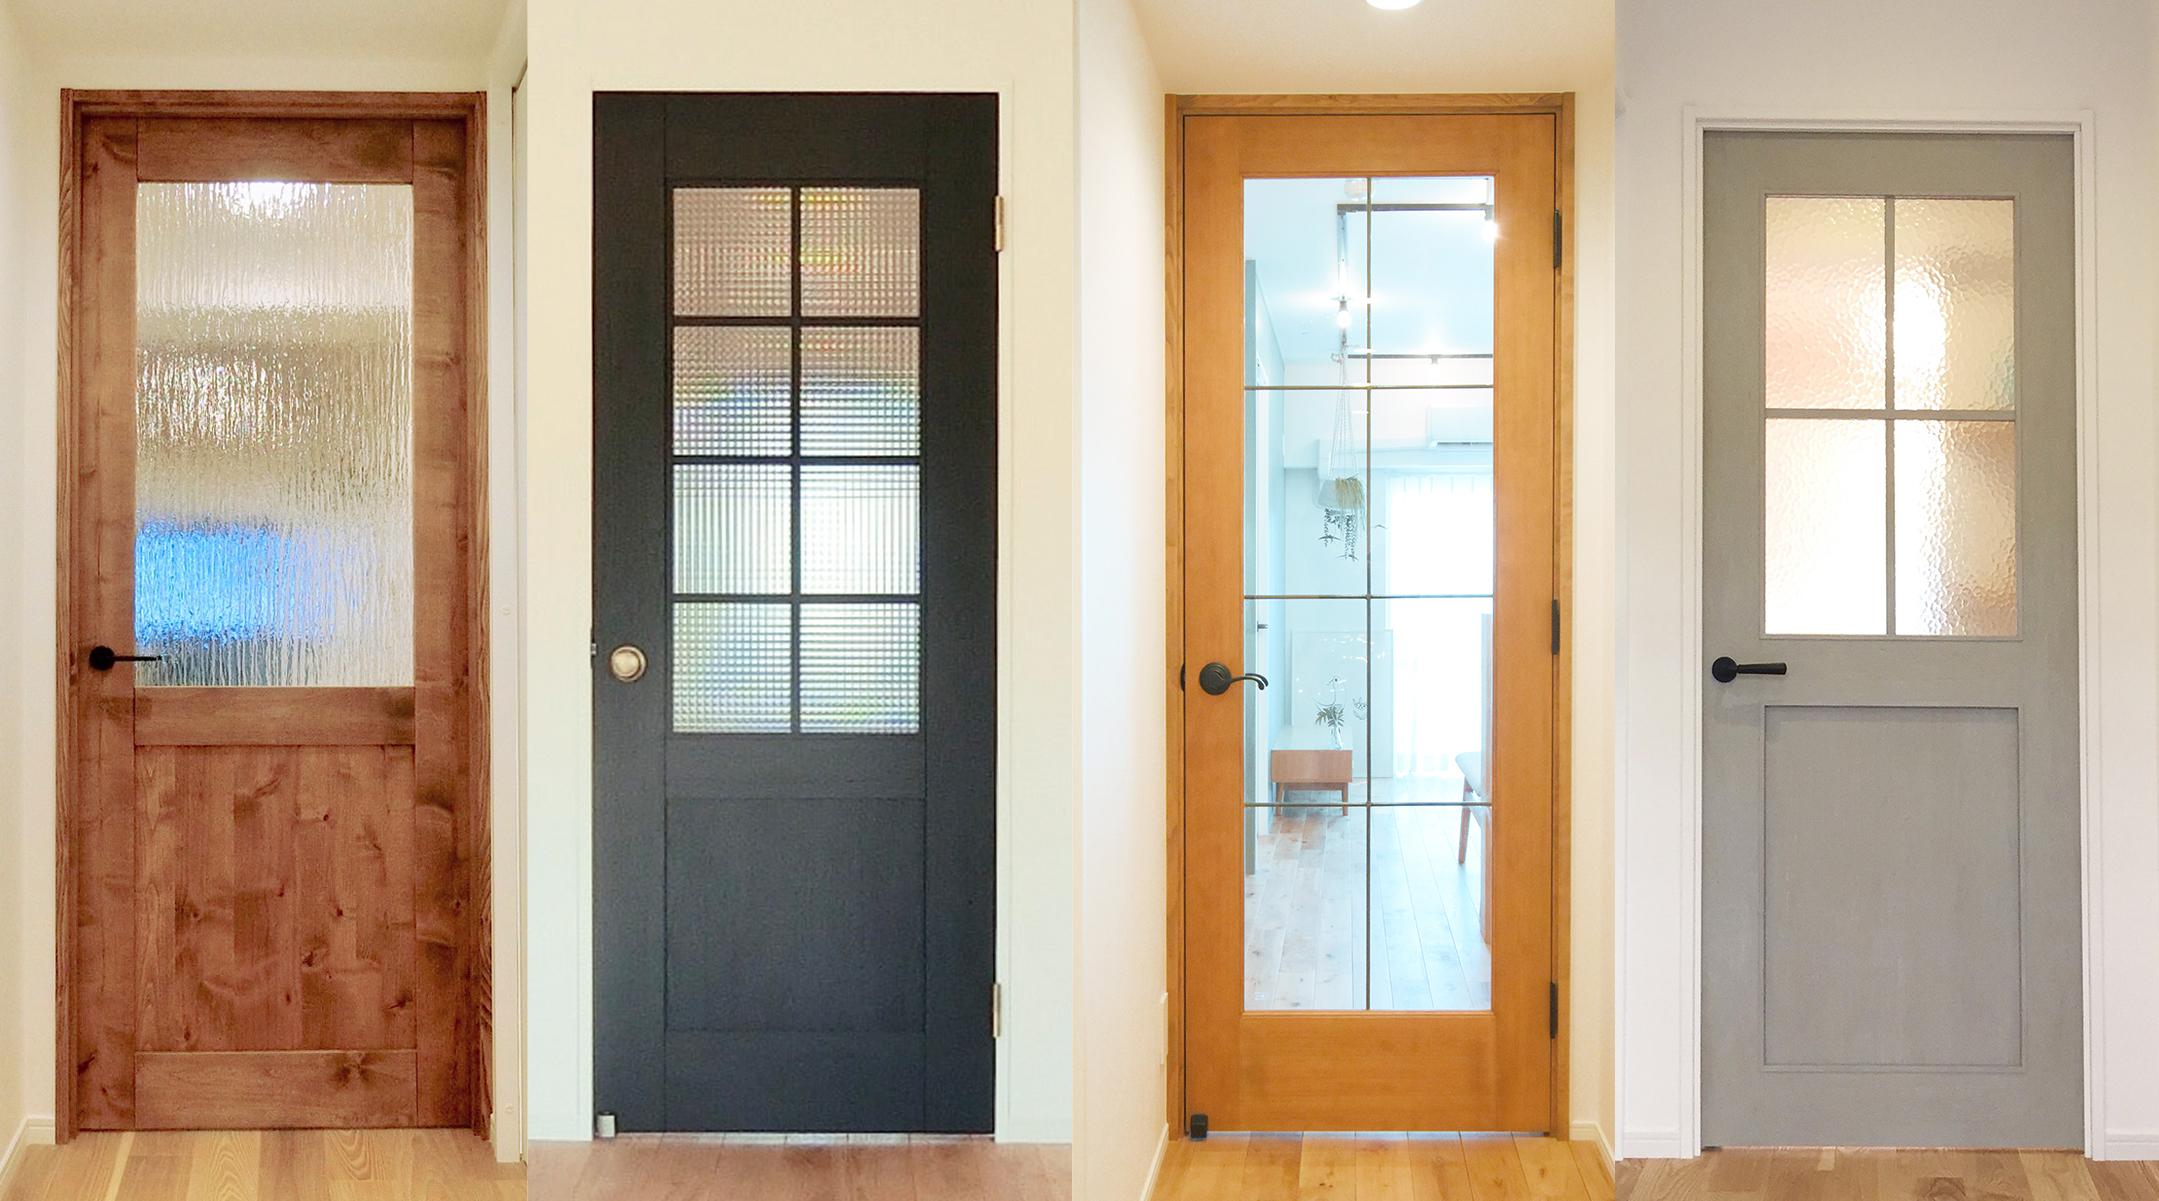 ドア4枚が並んだ、探すイメージ画像